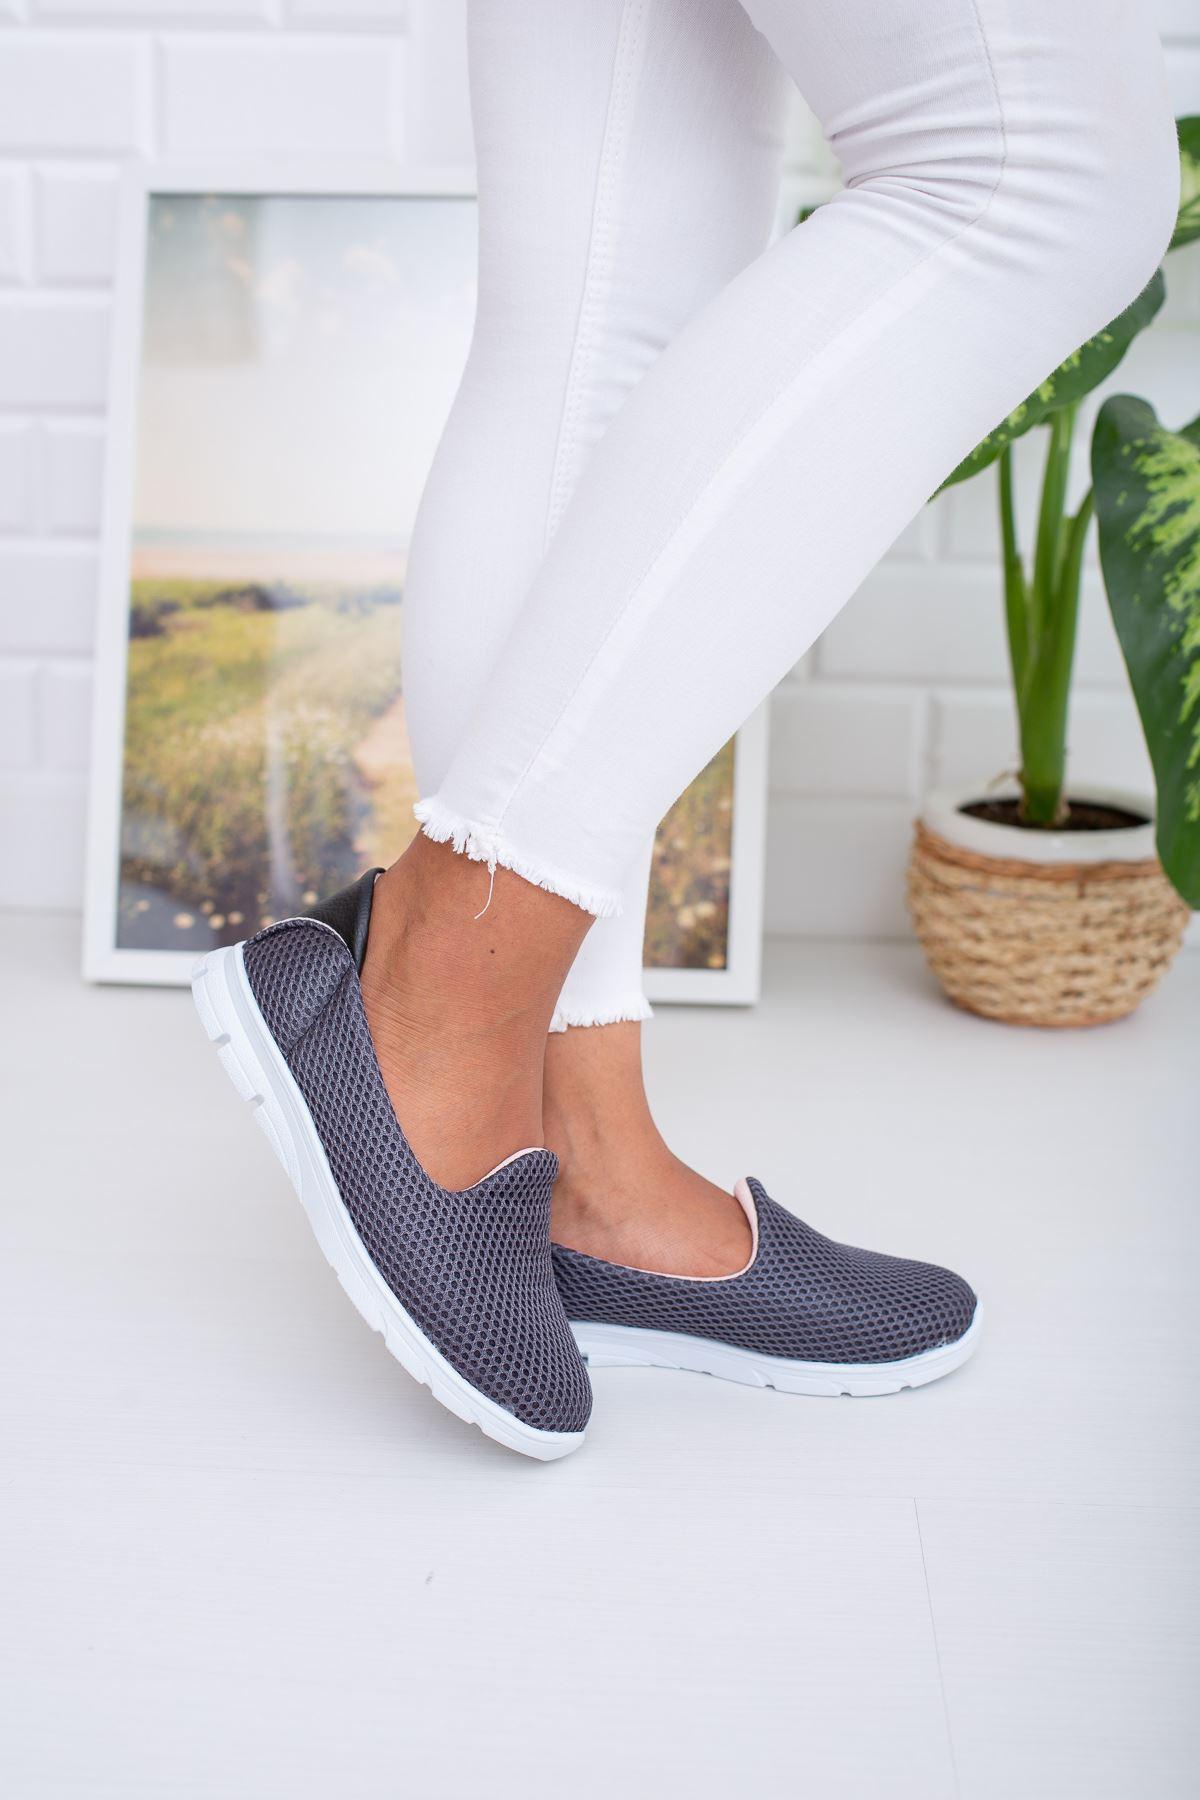 Füme Yürüyüş Ayakkabısı